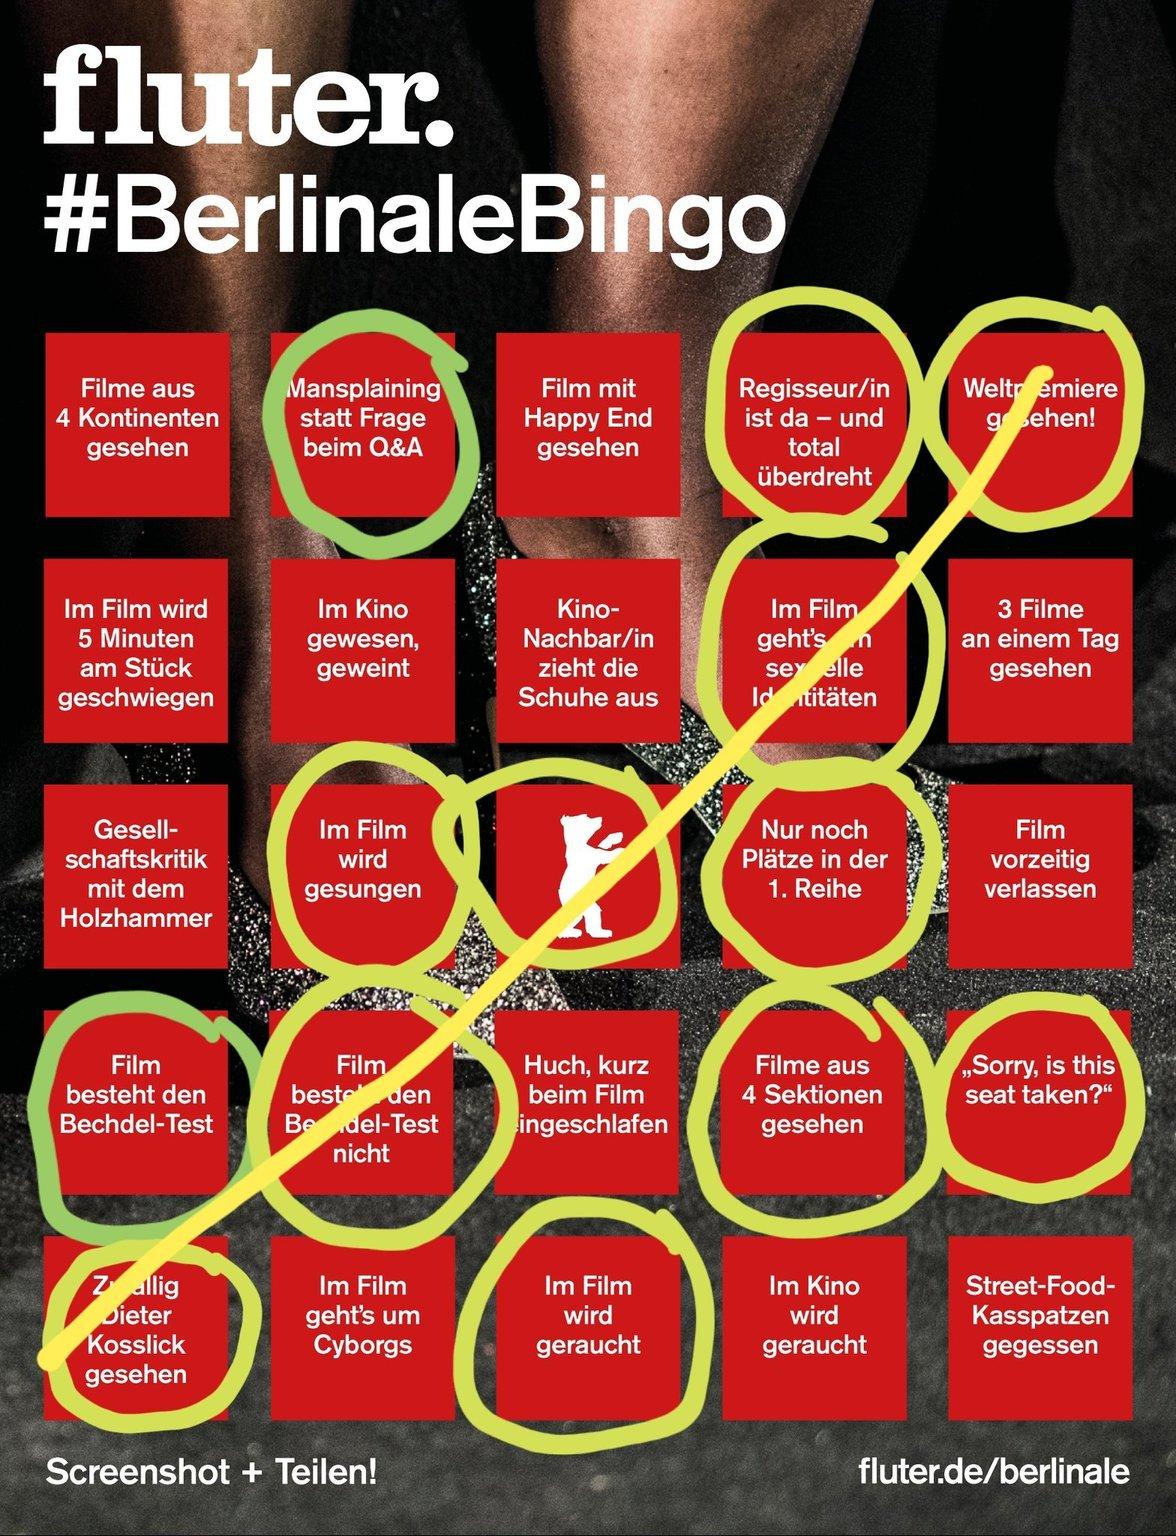 fluter berlinale bingo